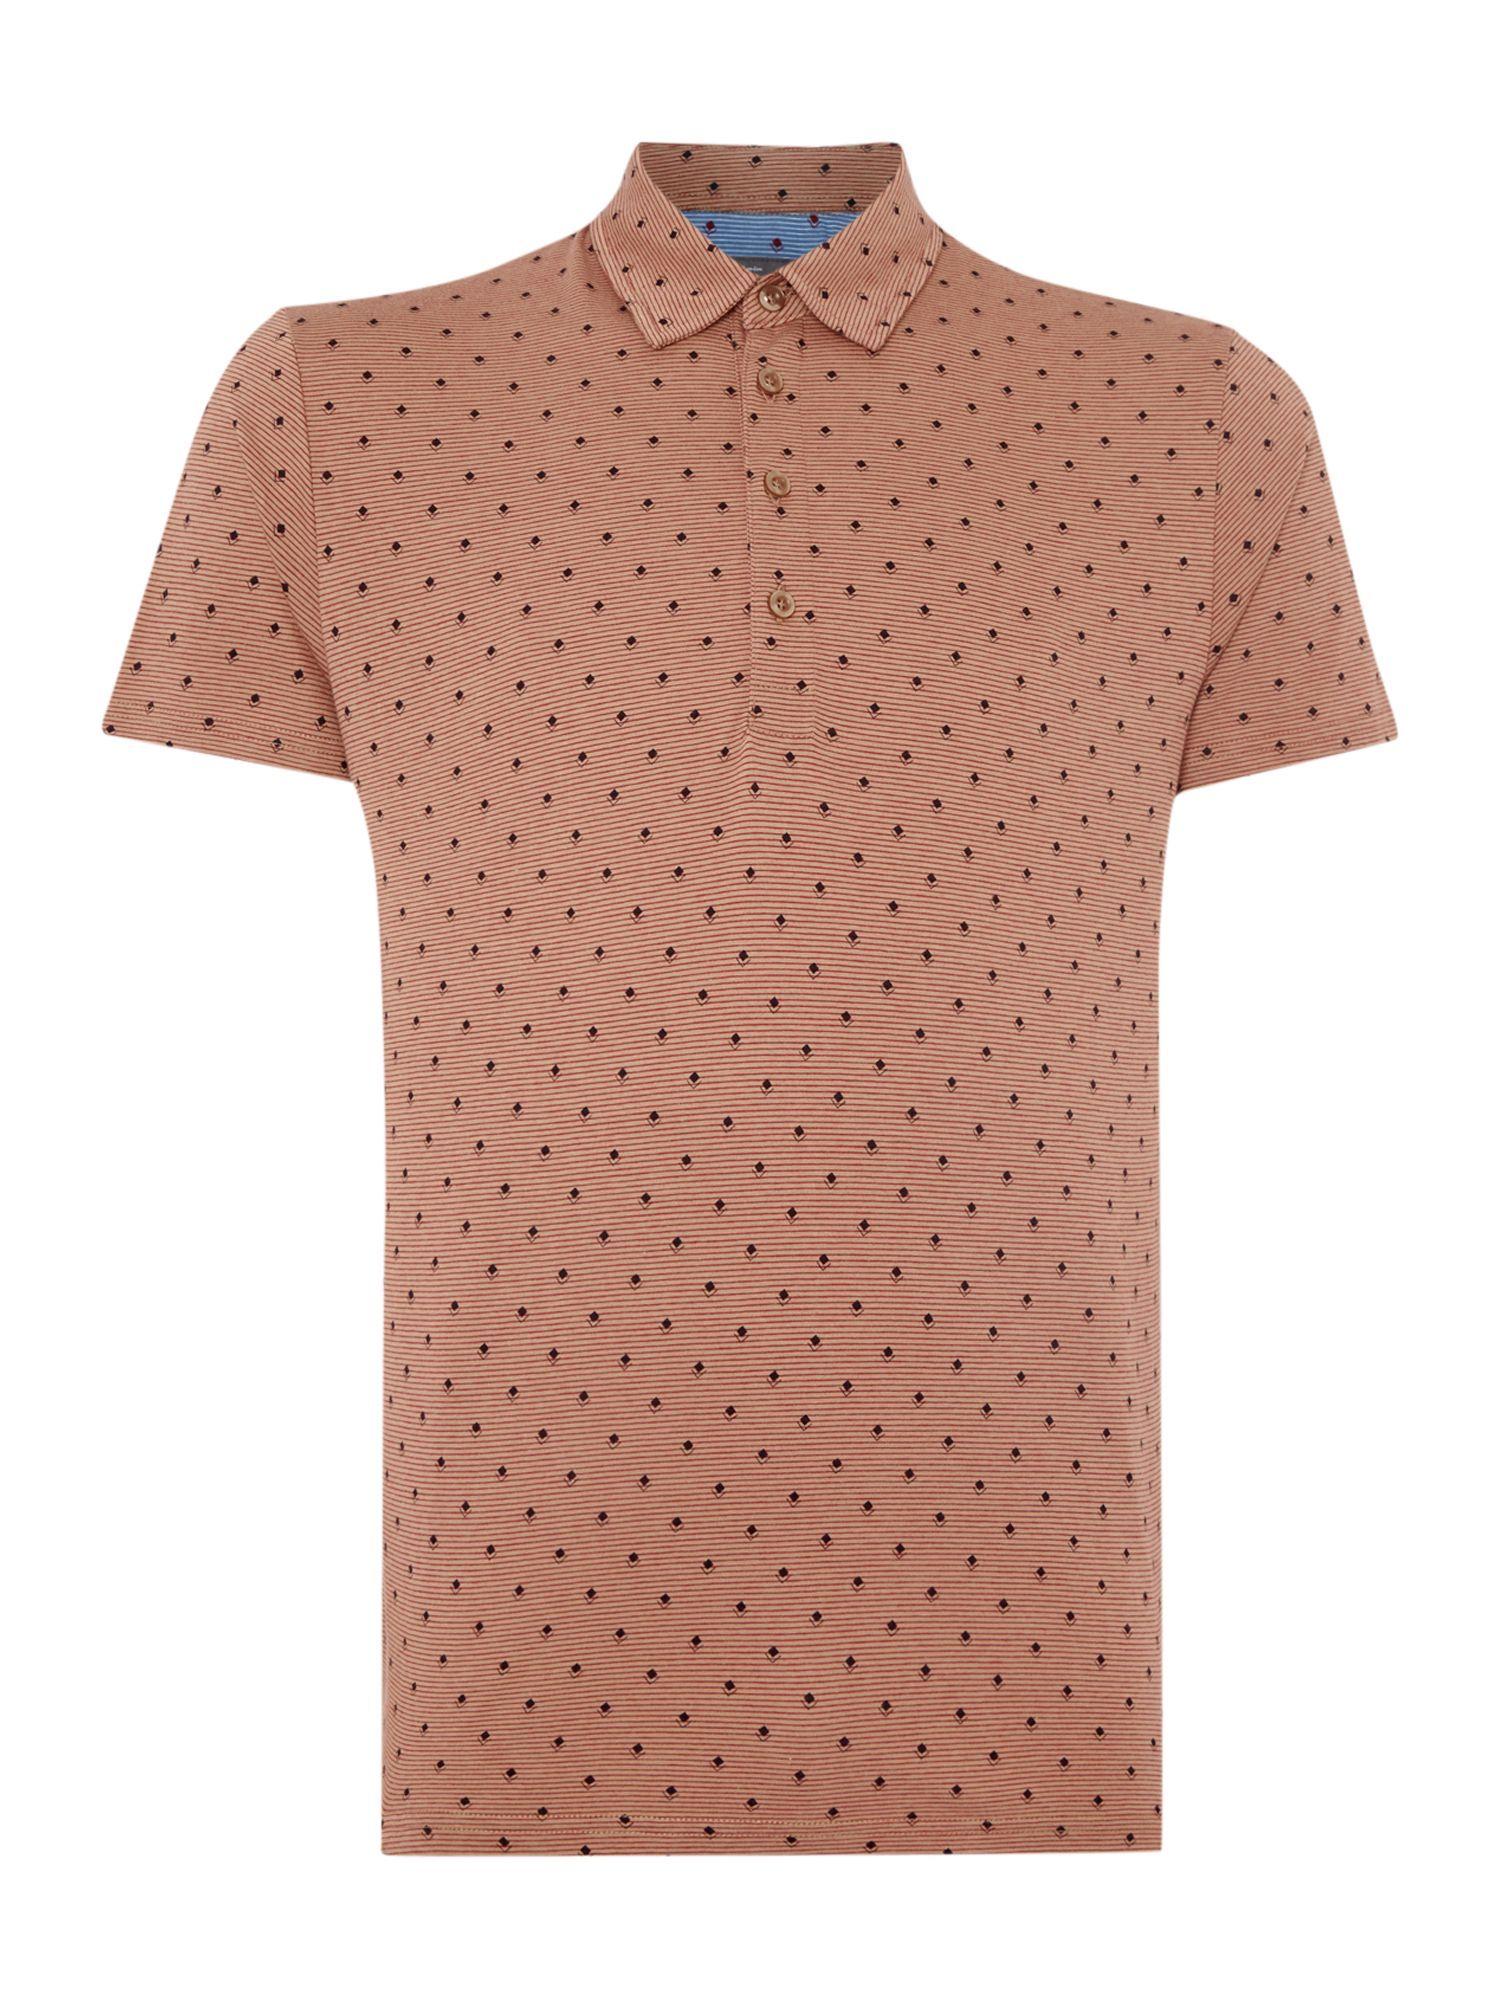 1950s Style Mens Shirts Bowling Hawaiian Rockabilly Shirts